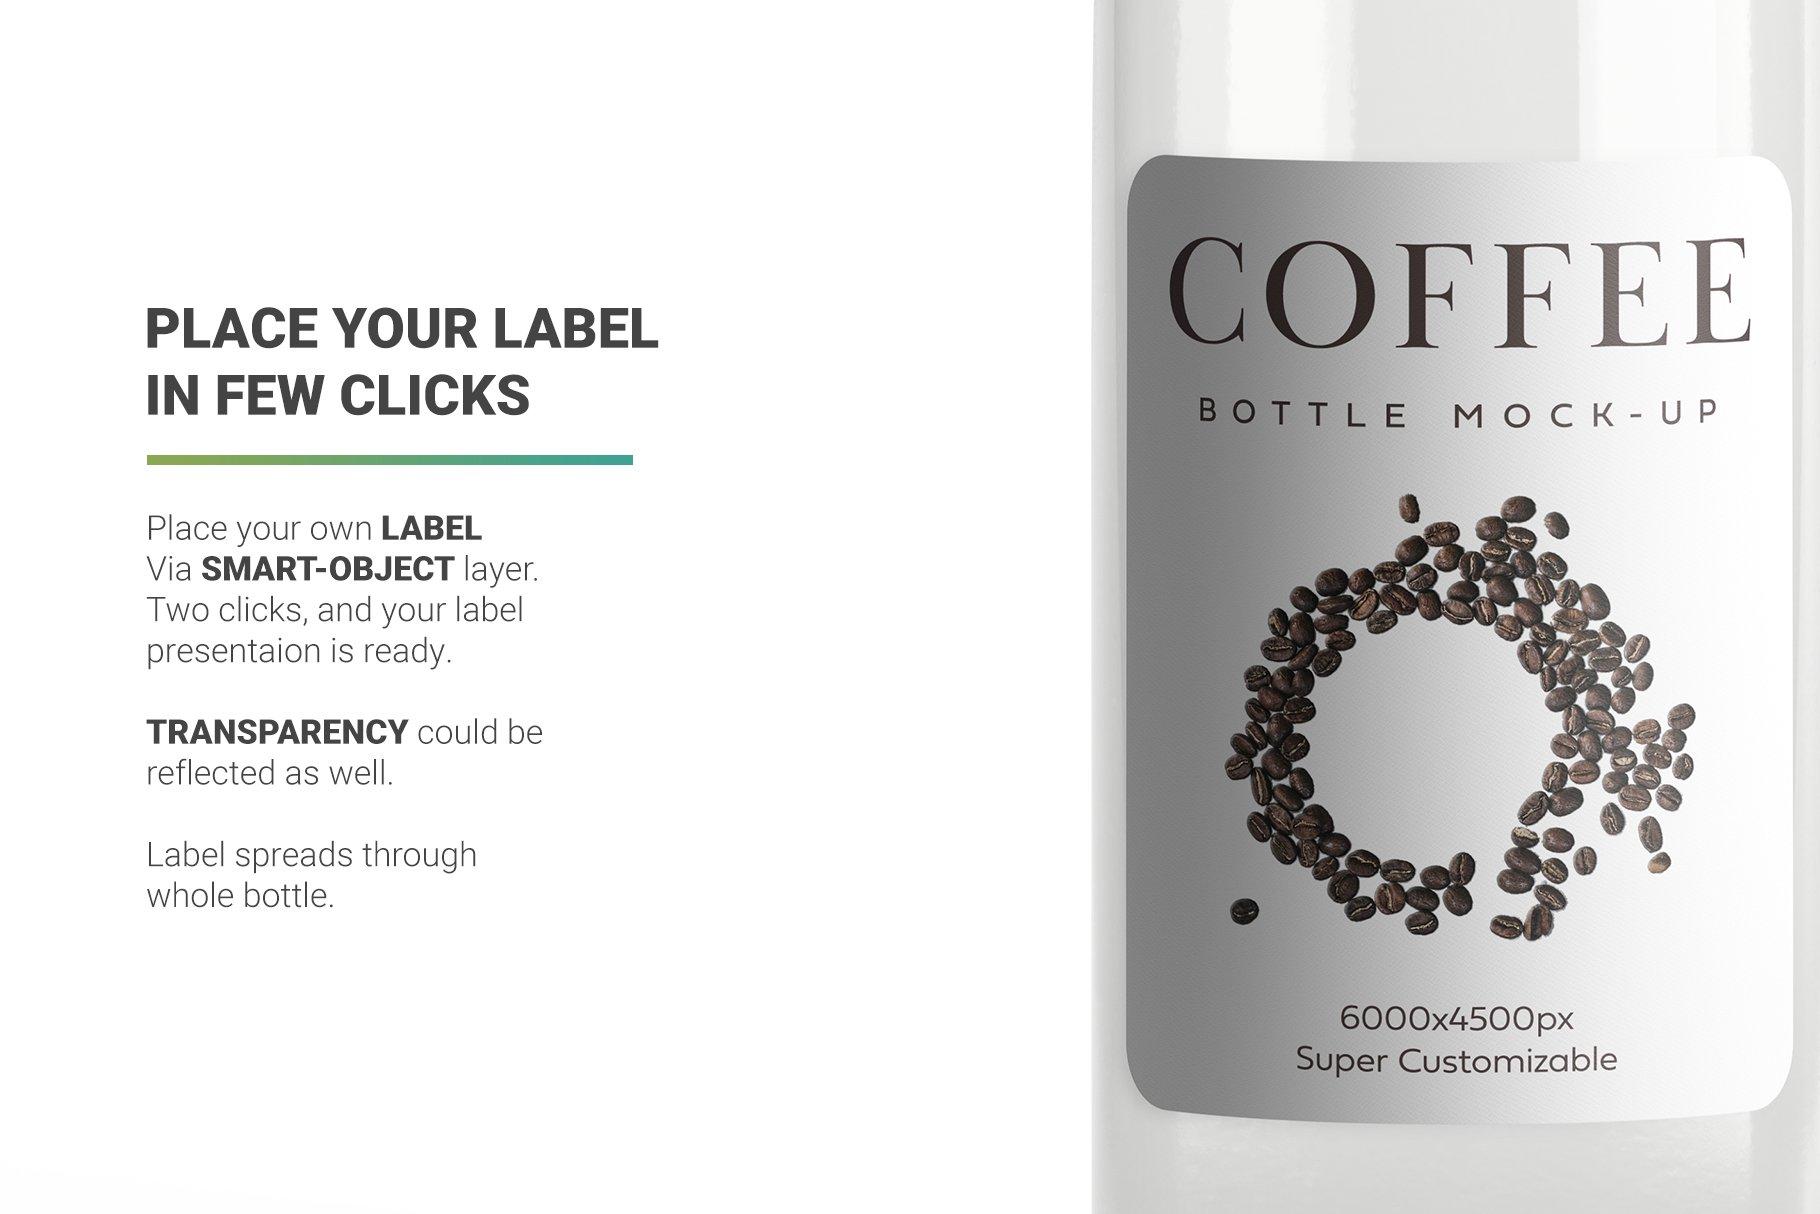 高品质冷冲咖啡包装瓶标签设计贴图样机 Coffee Bottle Mockup插图7